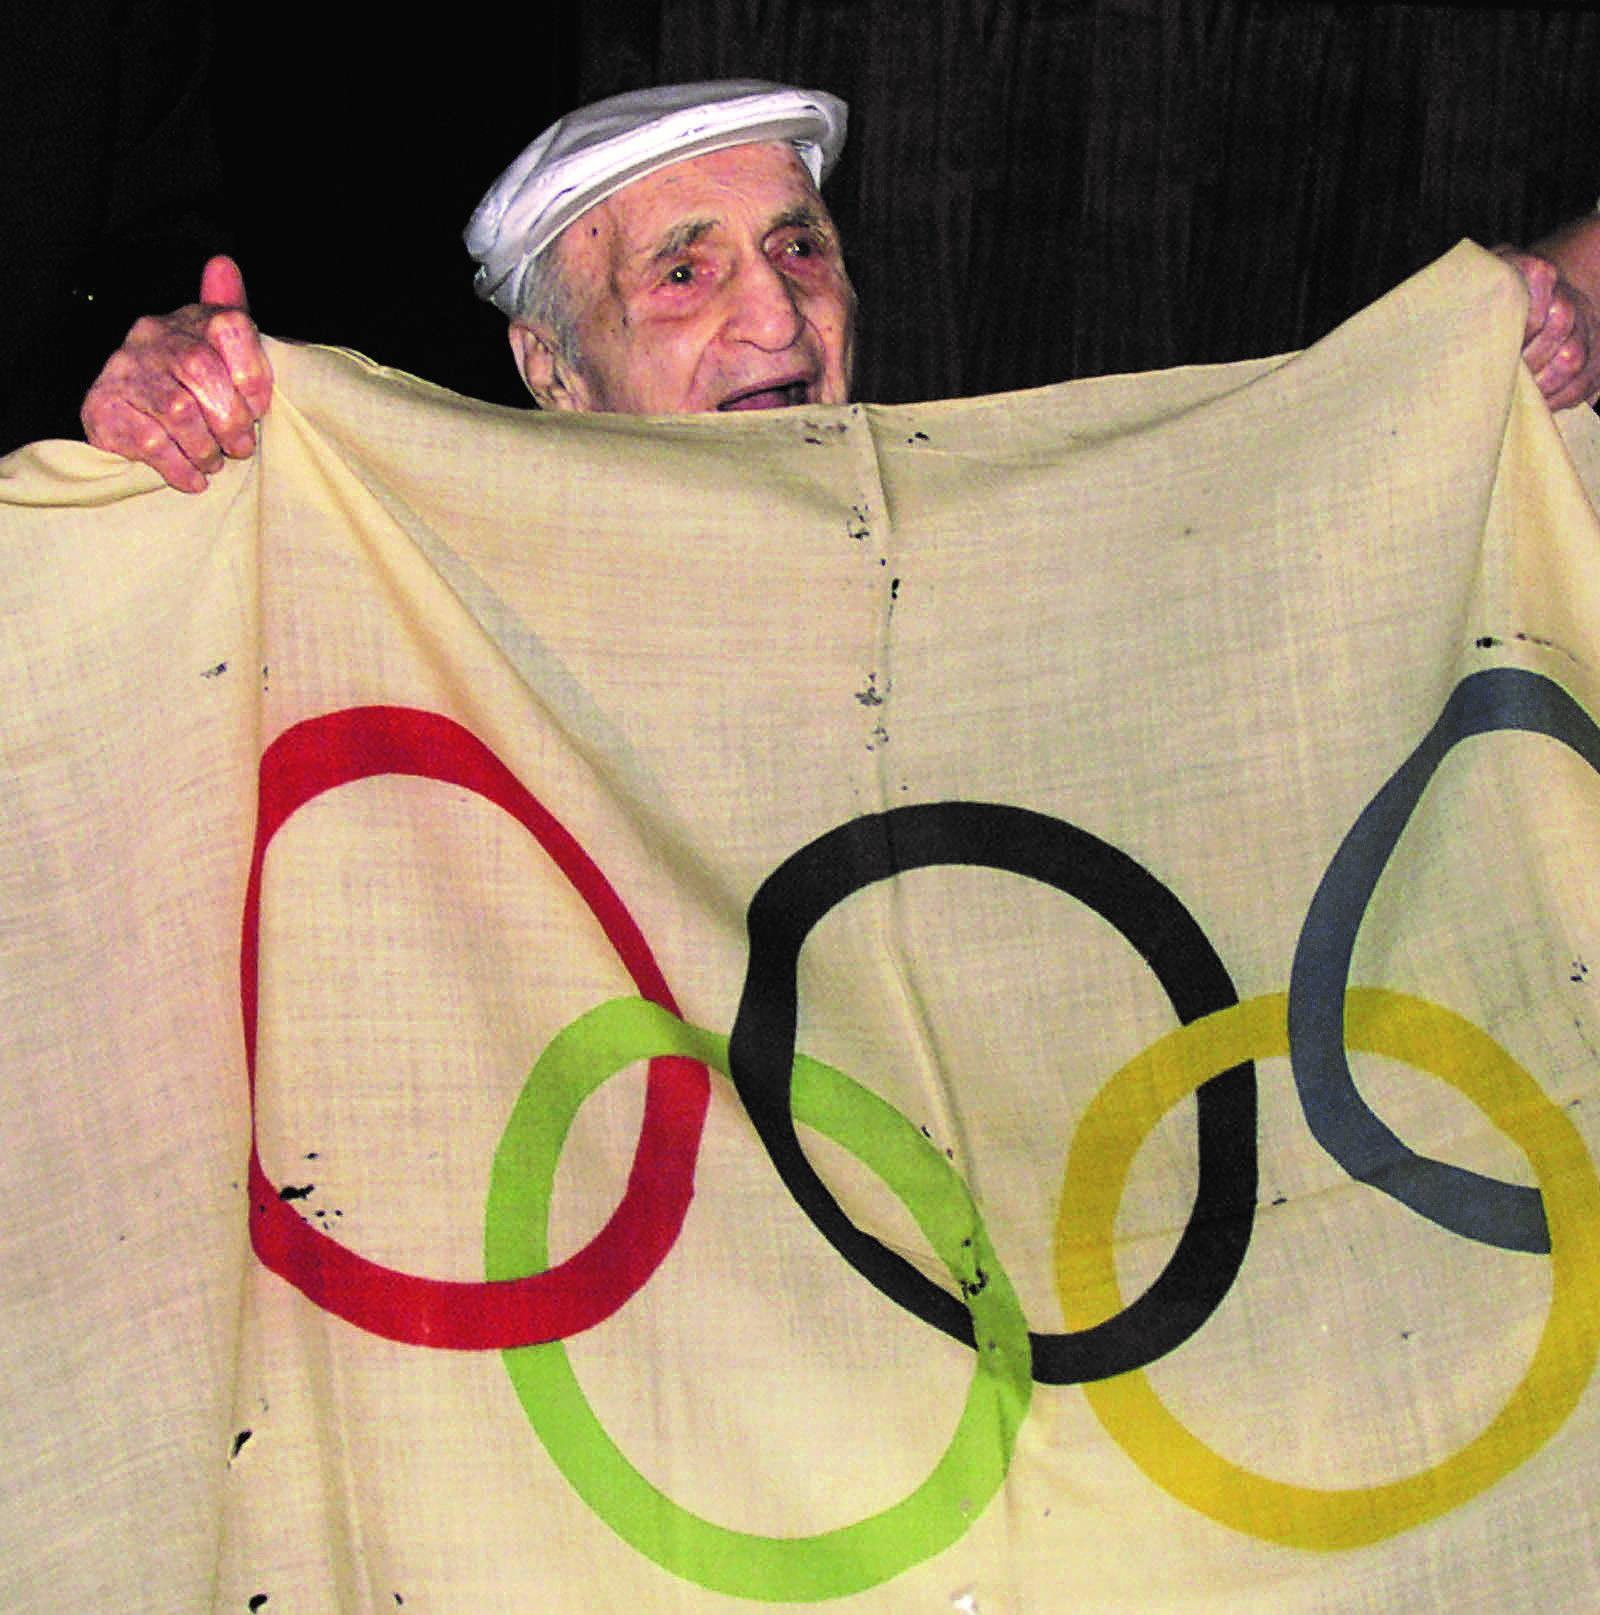 Η κλεμμένη σημαία